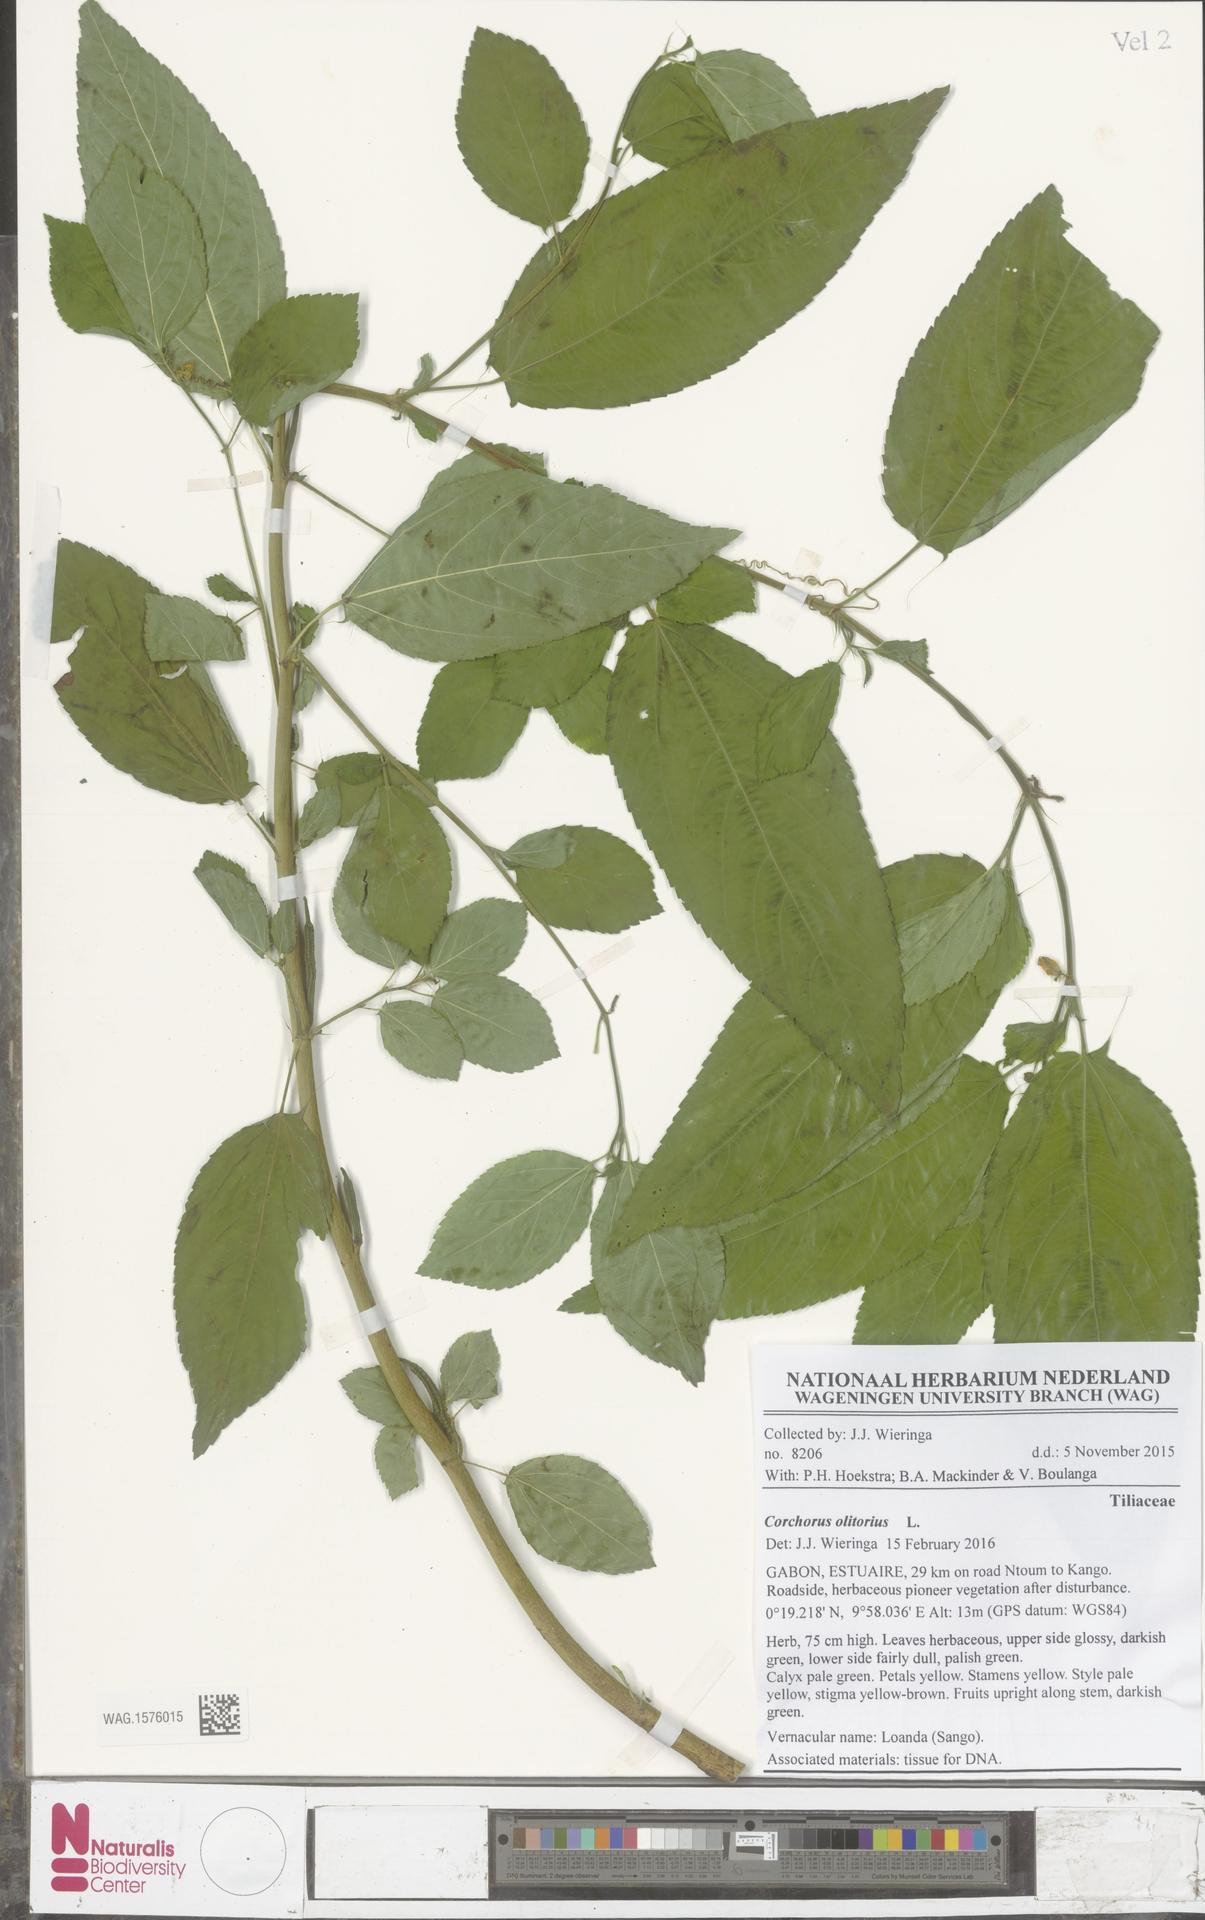 WAG.1576015 | Corchorus olitorius L.